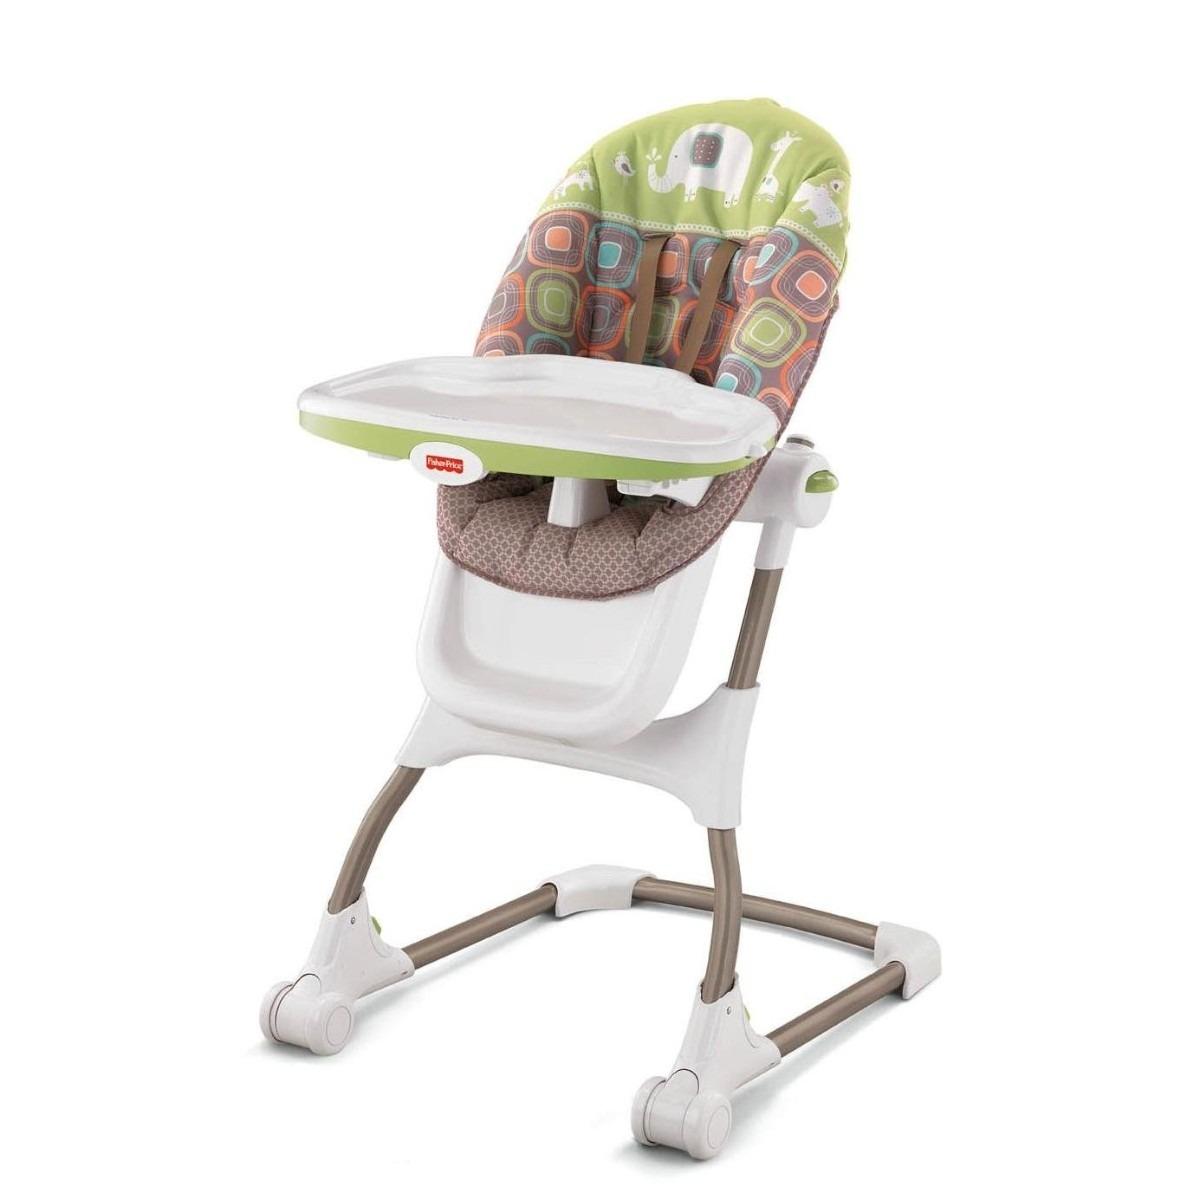 Silla para comer periquera fisher price coco sorbet bebe for Silla mecedora para bebe